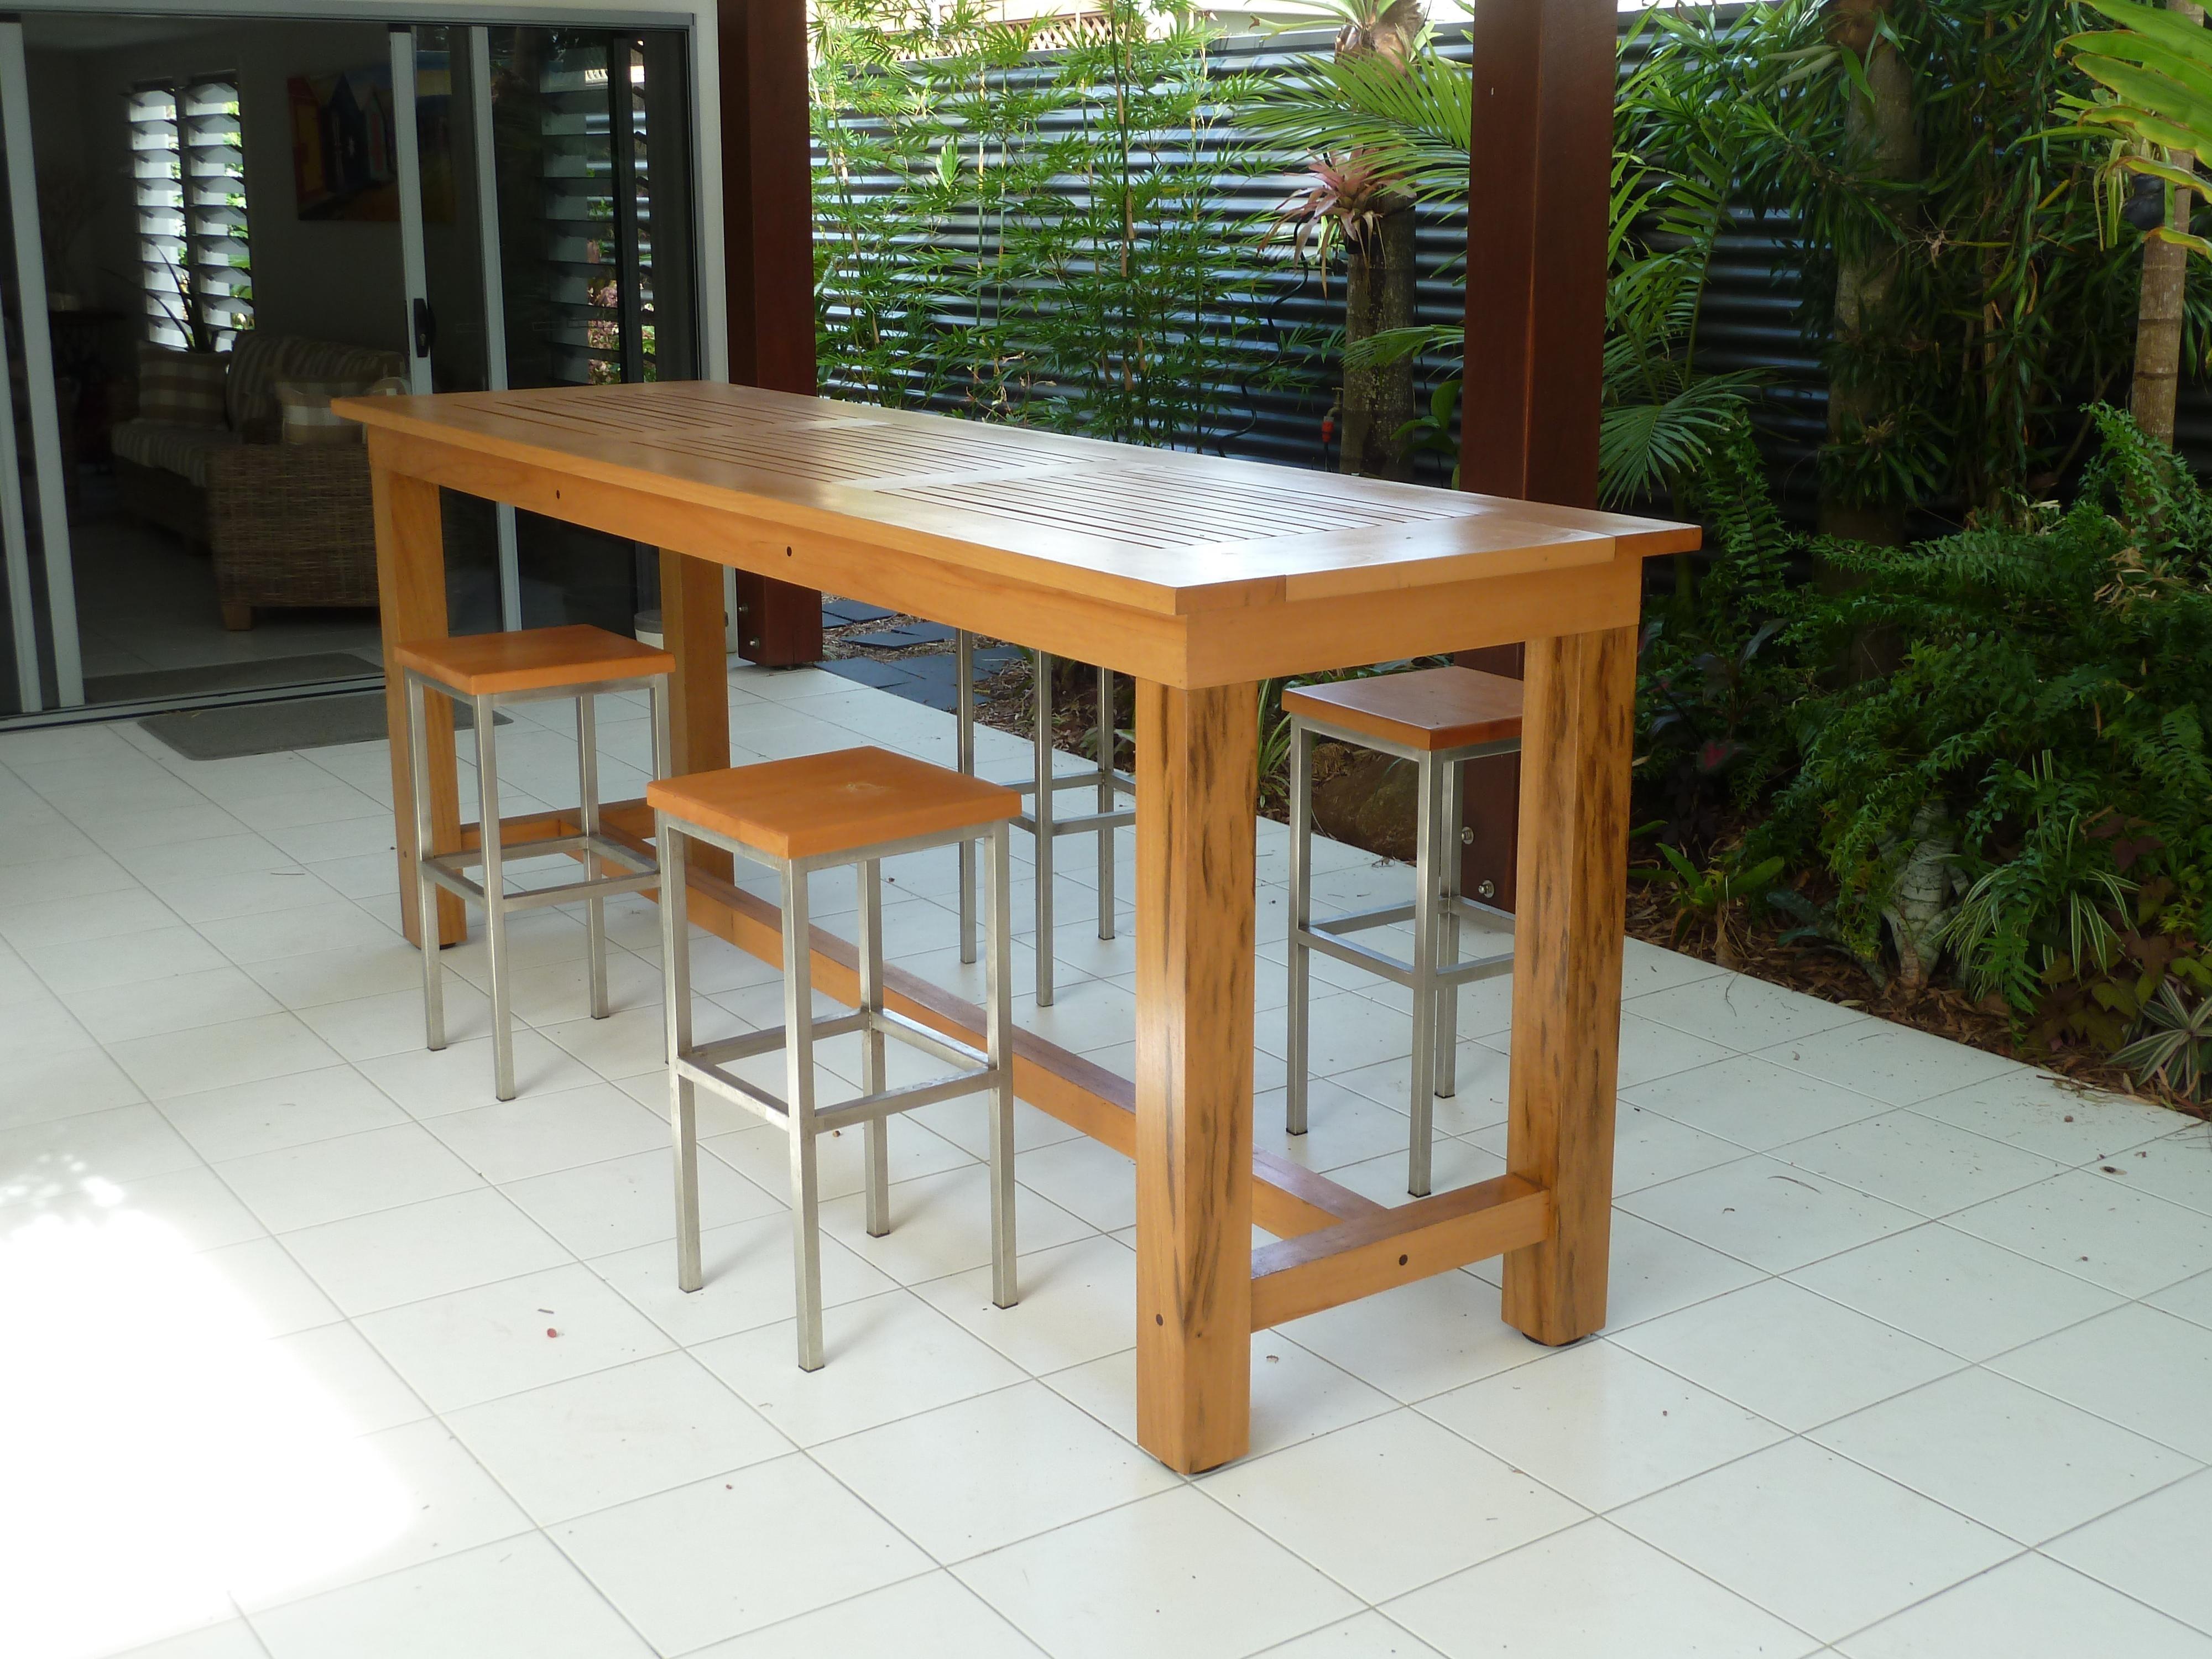 outdoor bar table design photo - 3